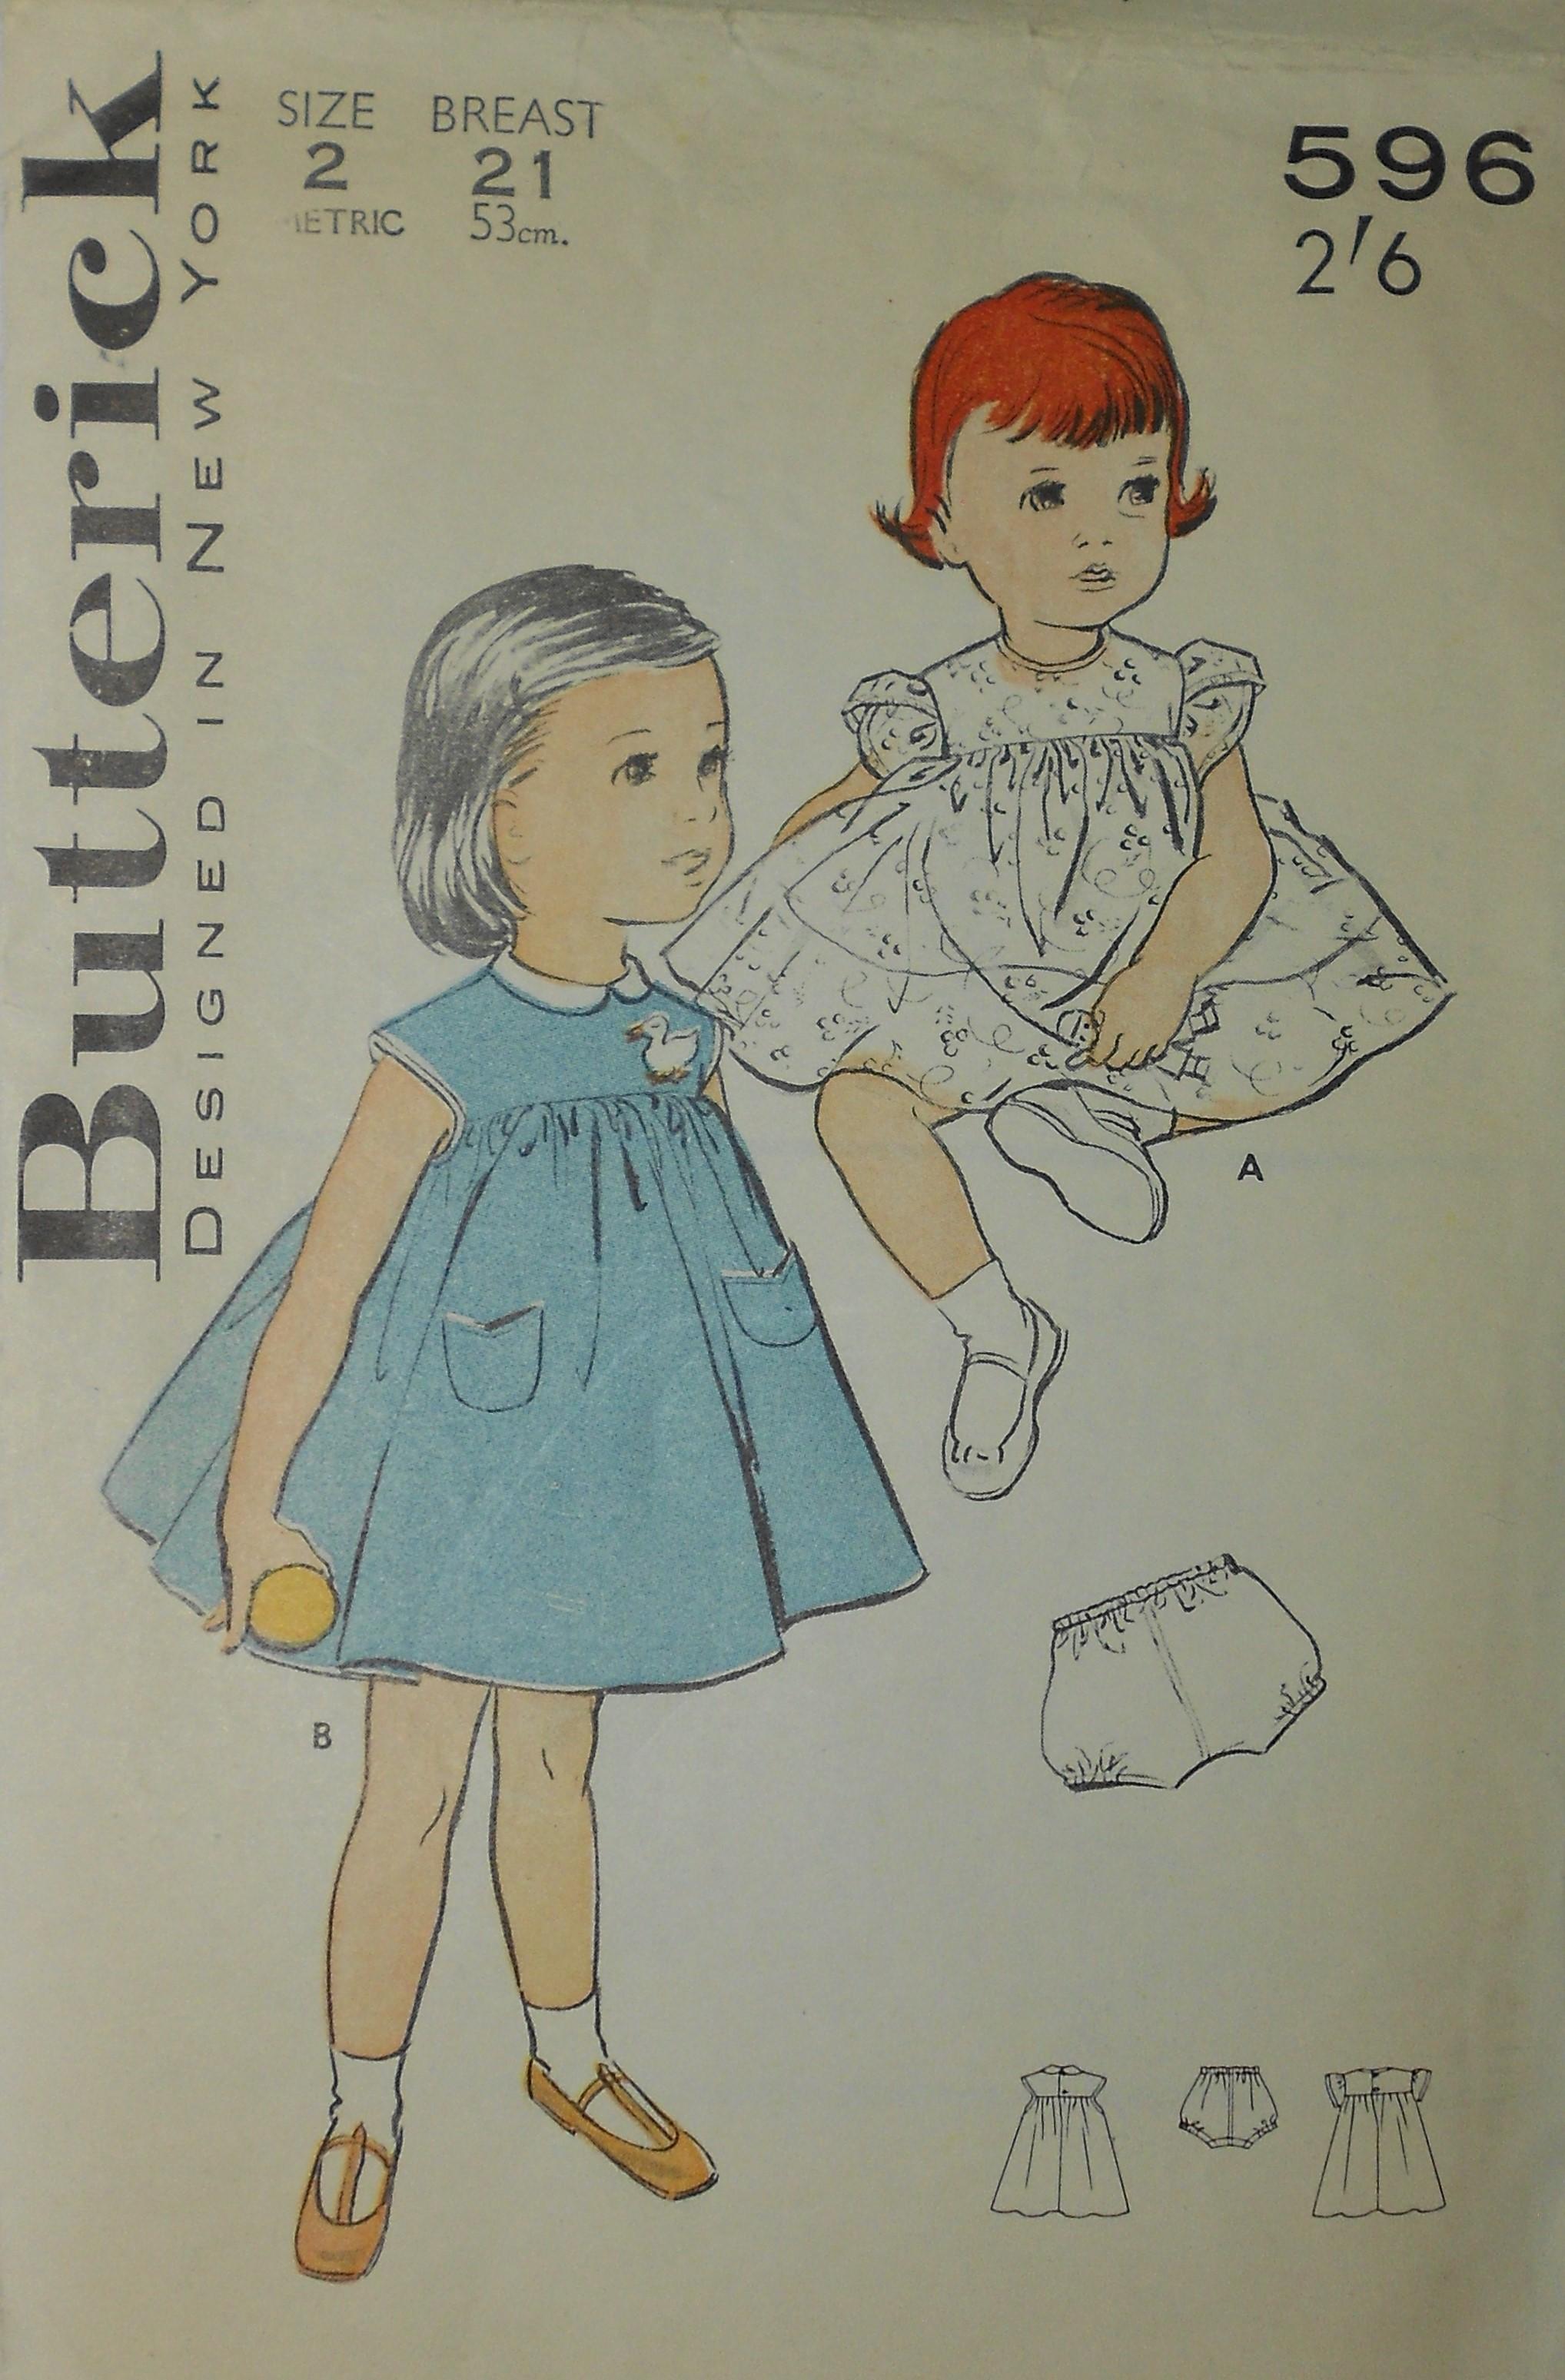 Butterick 596